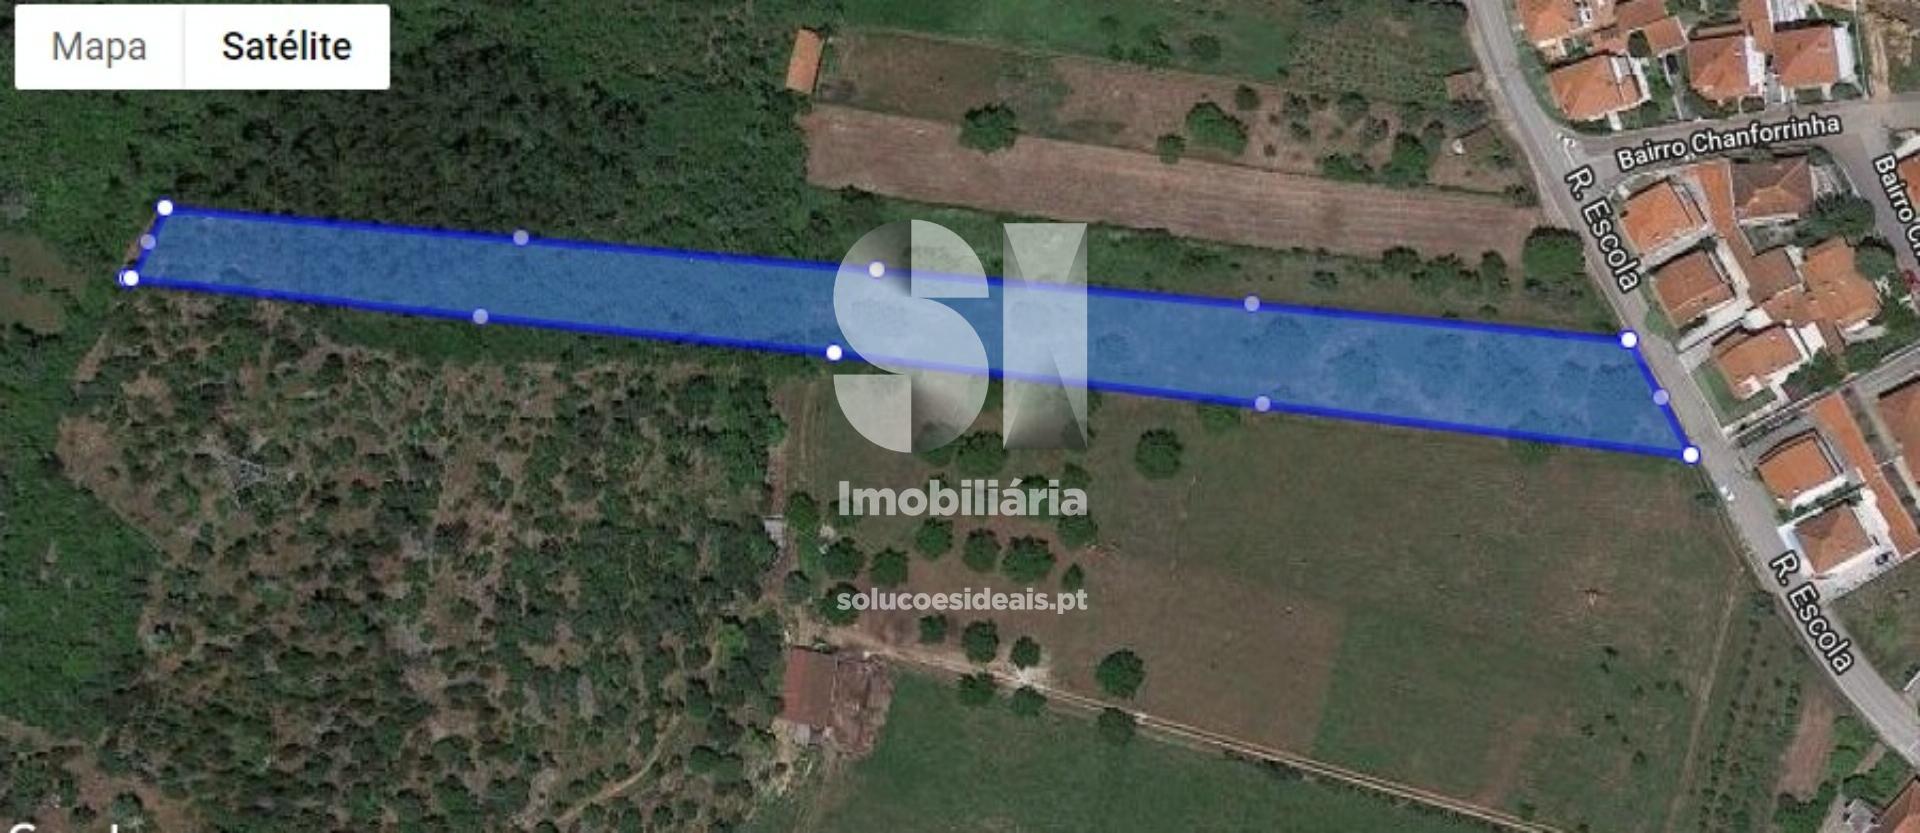 terreno para compra em coimbra uniao das freguesias de assafarge e antanhol SEDAR9620